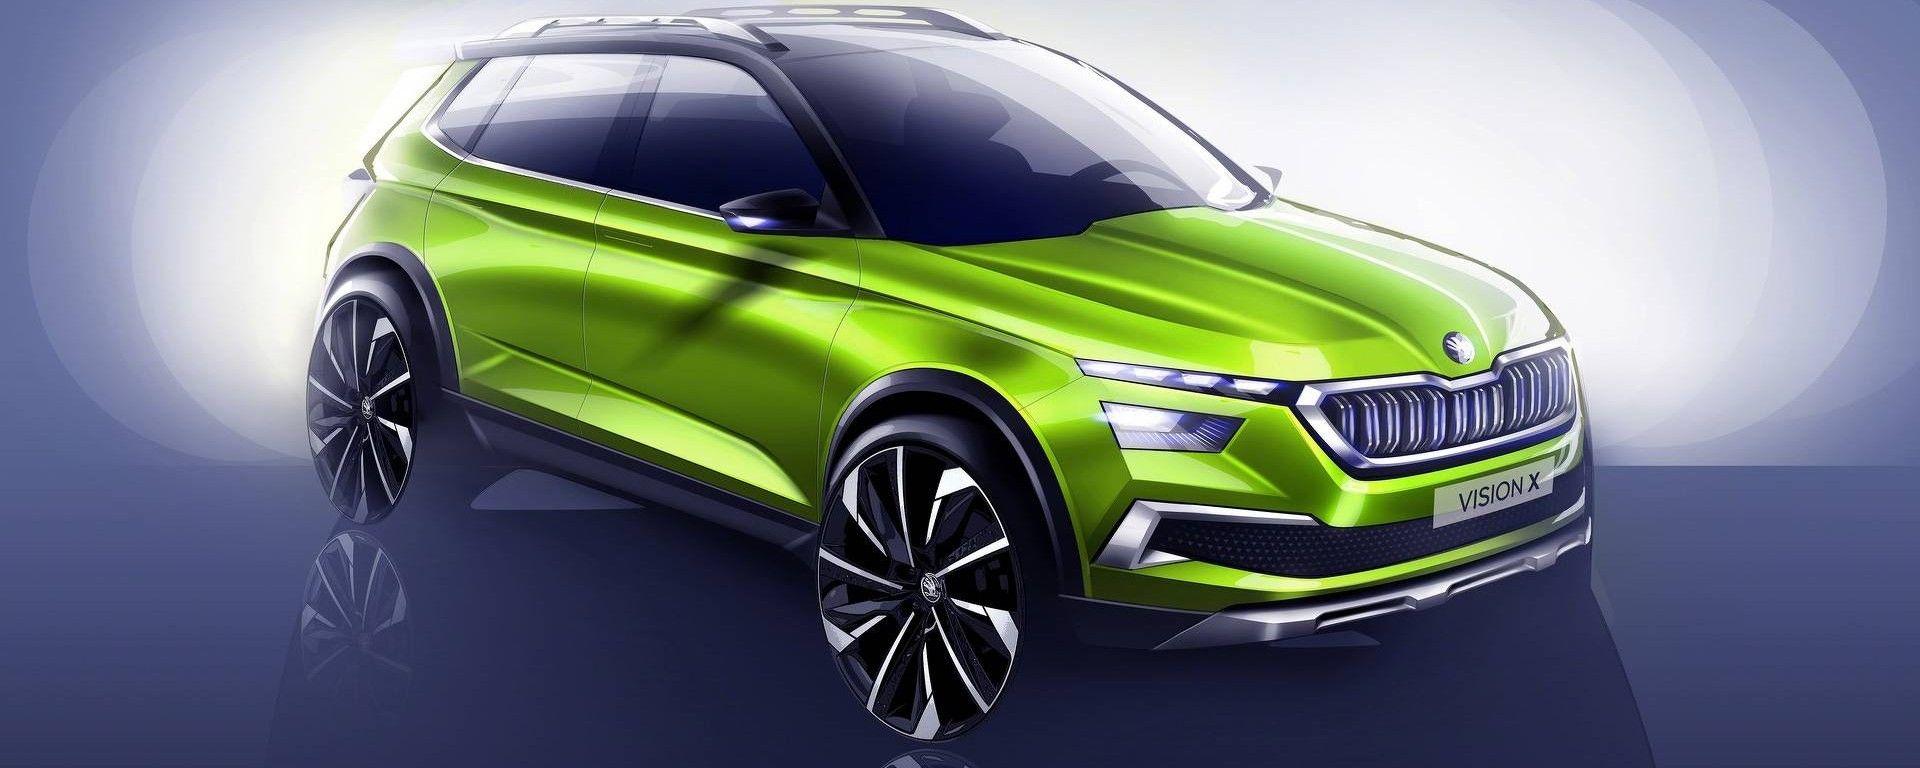 Mercedes Box Suv >> SUV Skoda: dopo Kodiaq e Karoq, arriva il nuovo crossover ...